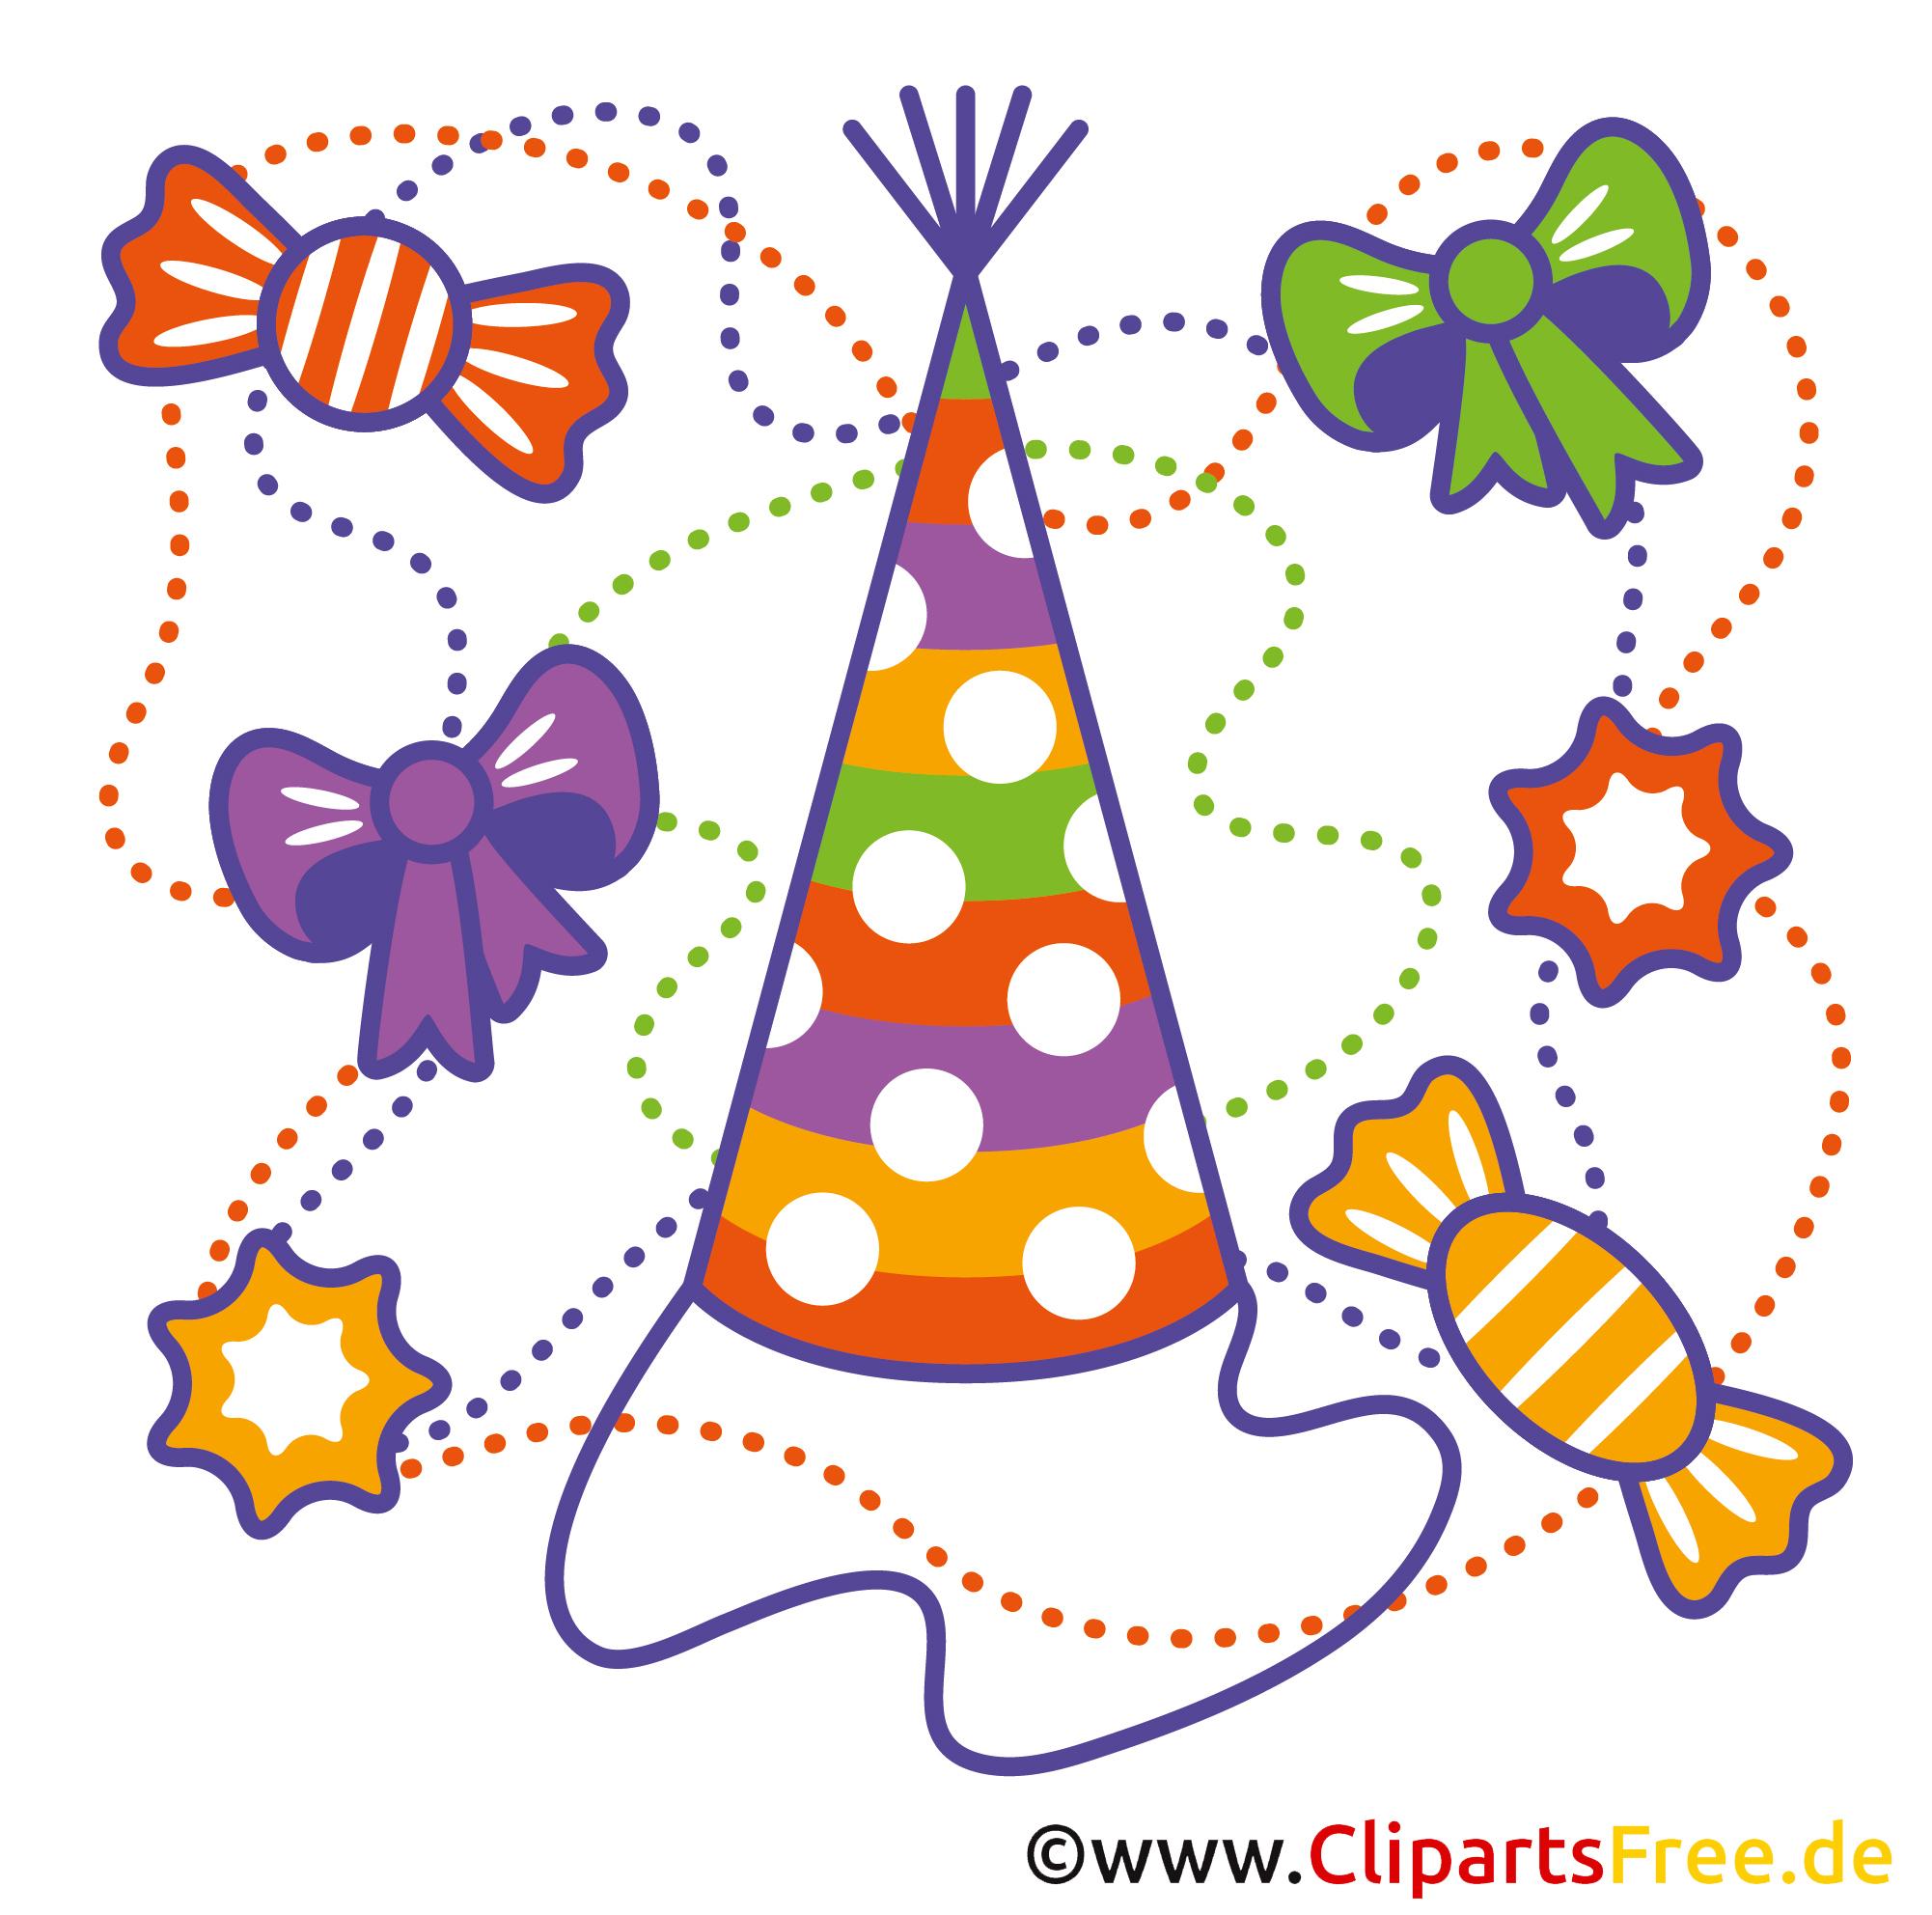 Einladungskarten Runder Geburtstag Kostenlos mit Cliparts Geburtstag Kostenlos